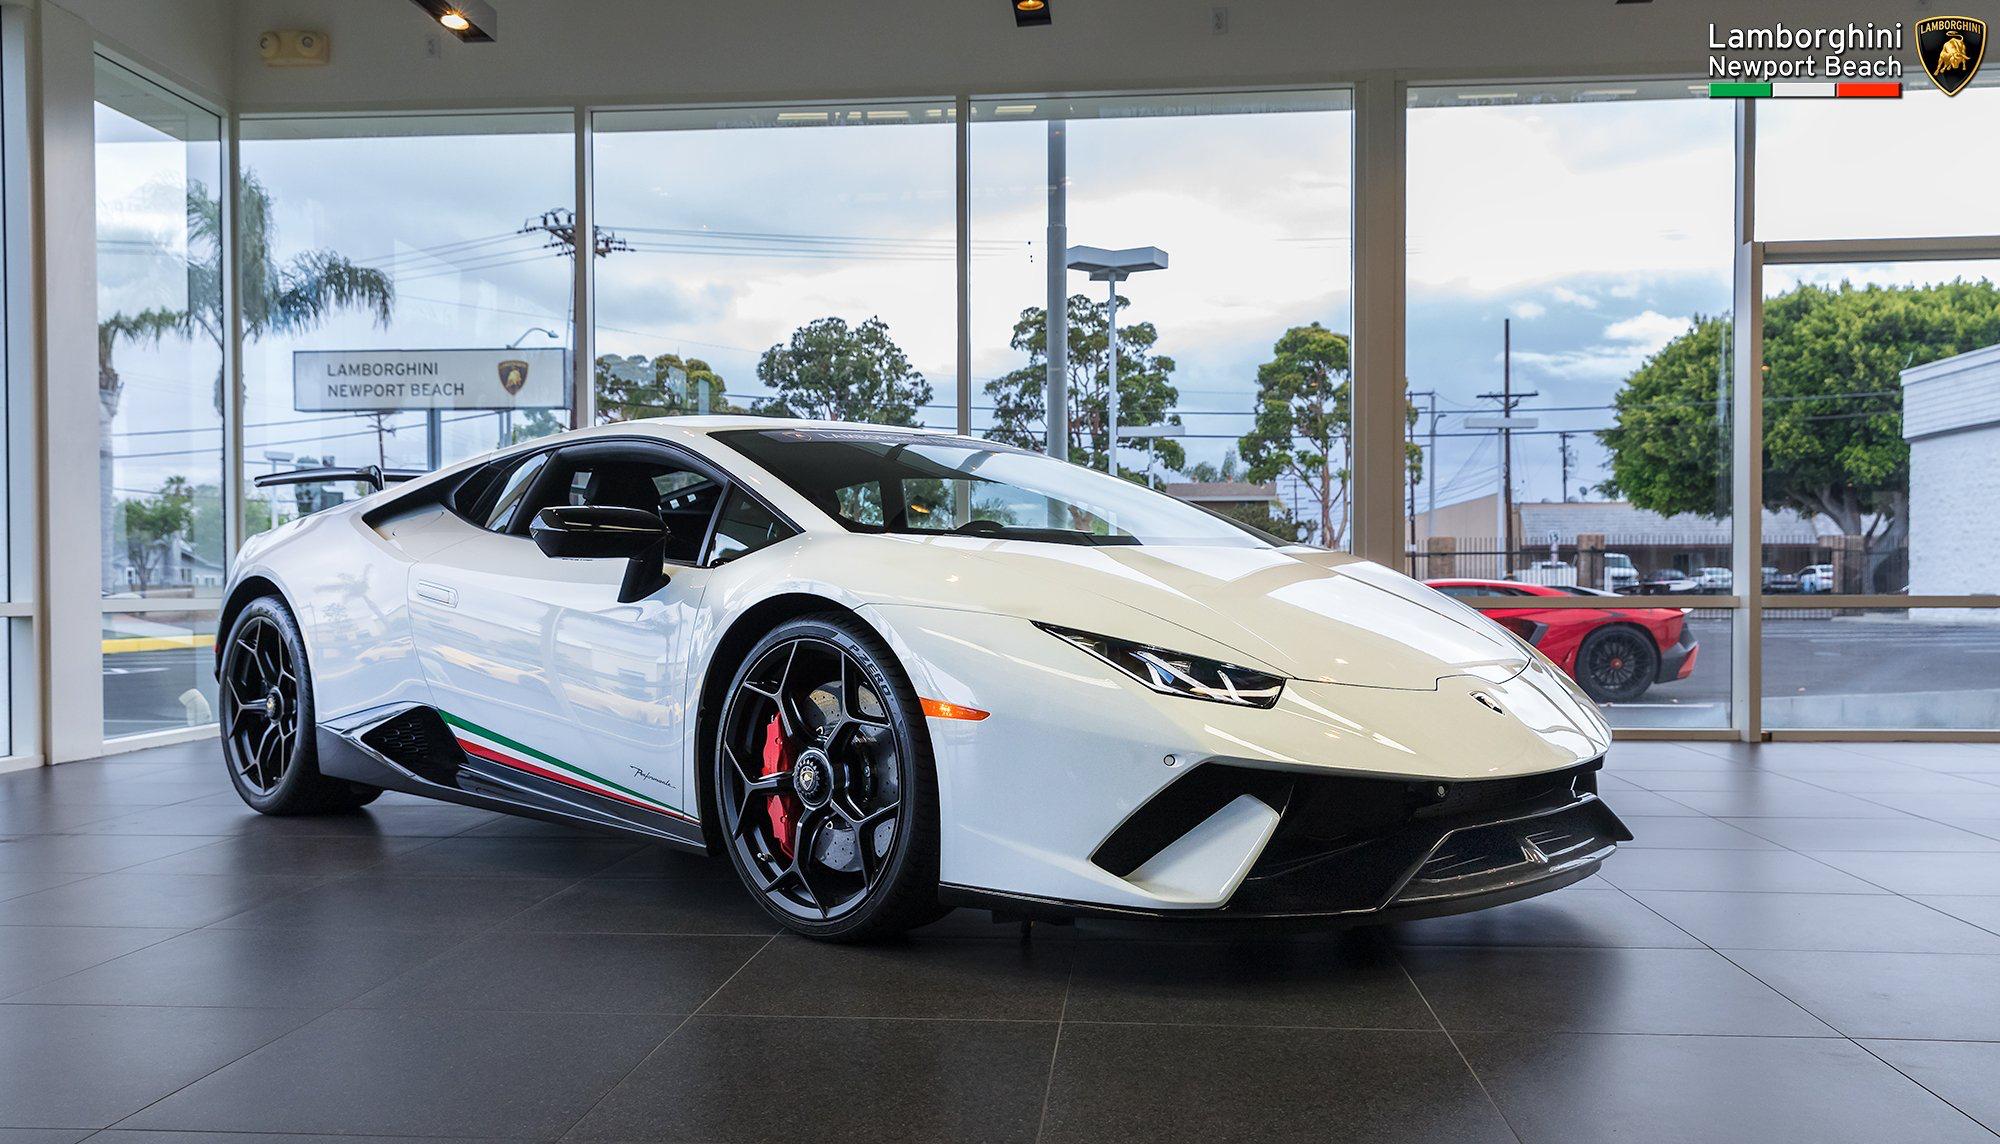 ... Lamborghini Newport Wallpaper By 2017 Lamborghini Huracan Performante  For Sale At ...